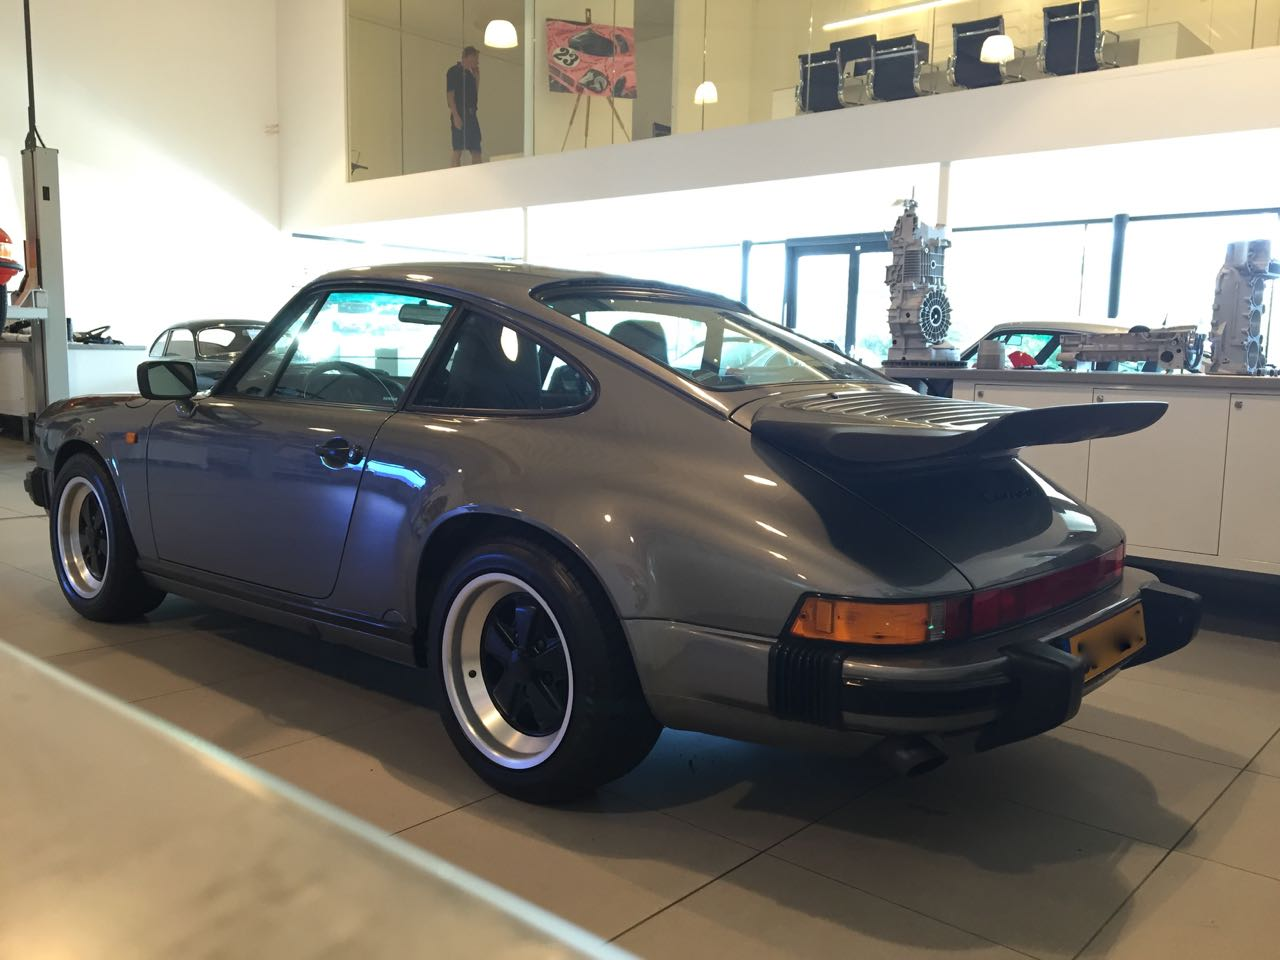 911 youngtimer - Porsche 911 Carrera G50 - 1987 - Felsengruen 5